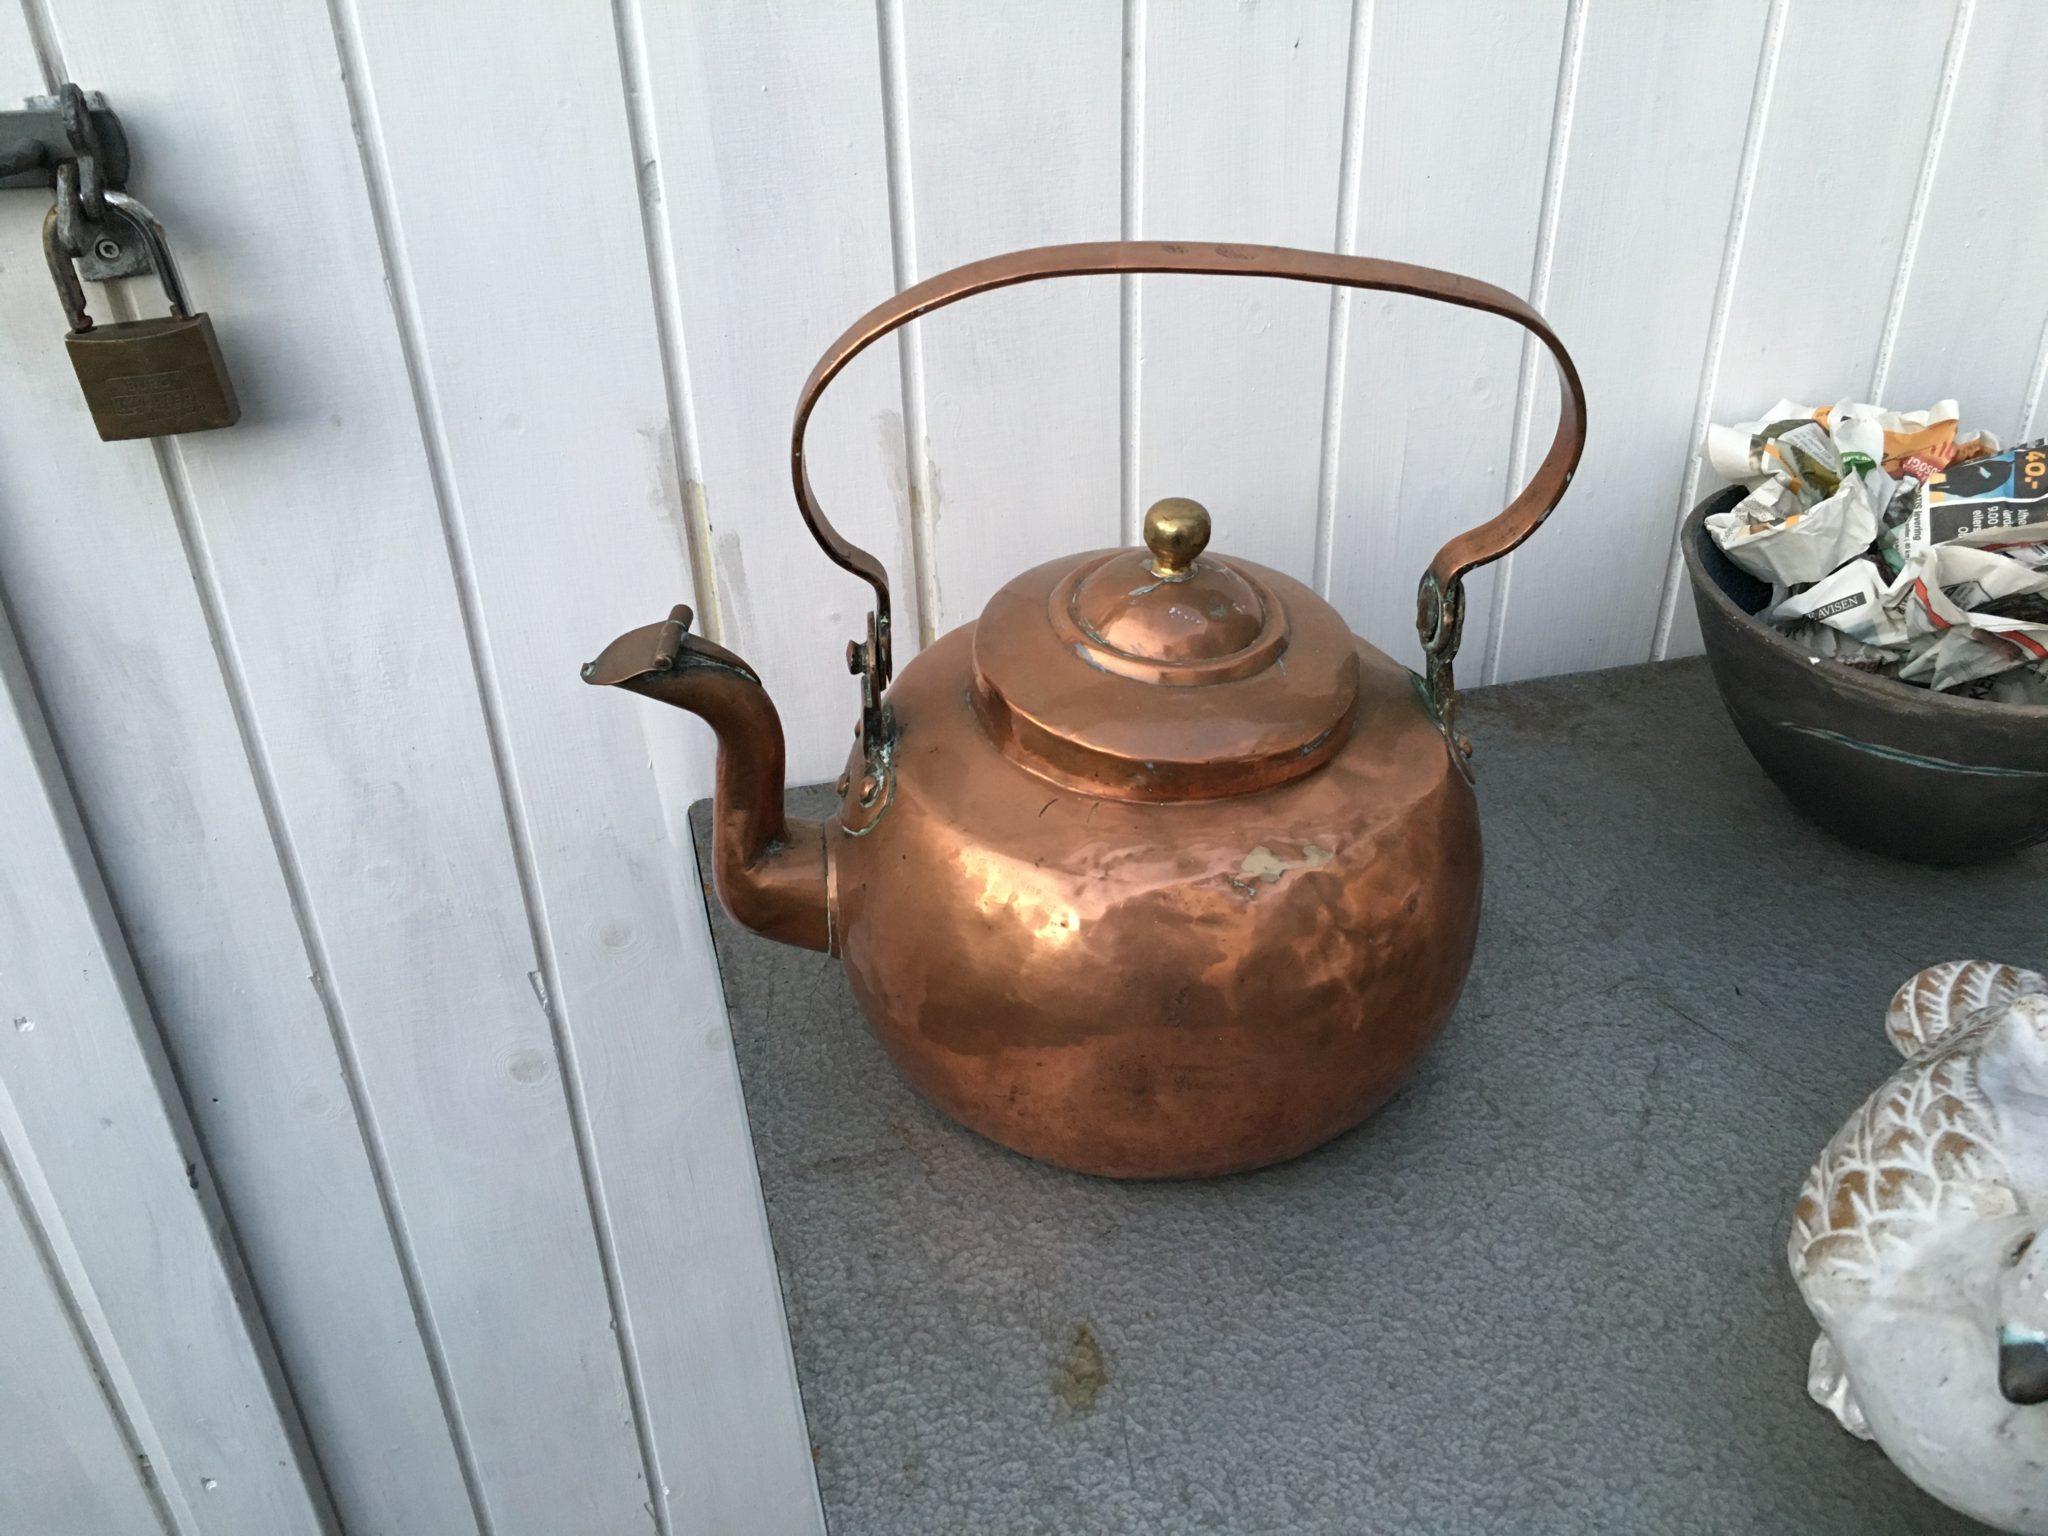 210 år gammel kobberkedel, pris 600 kr